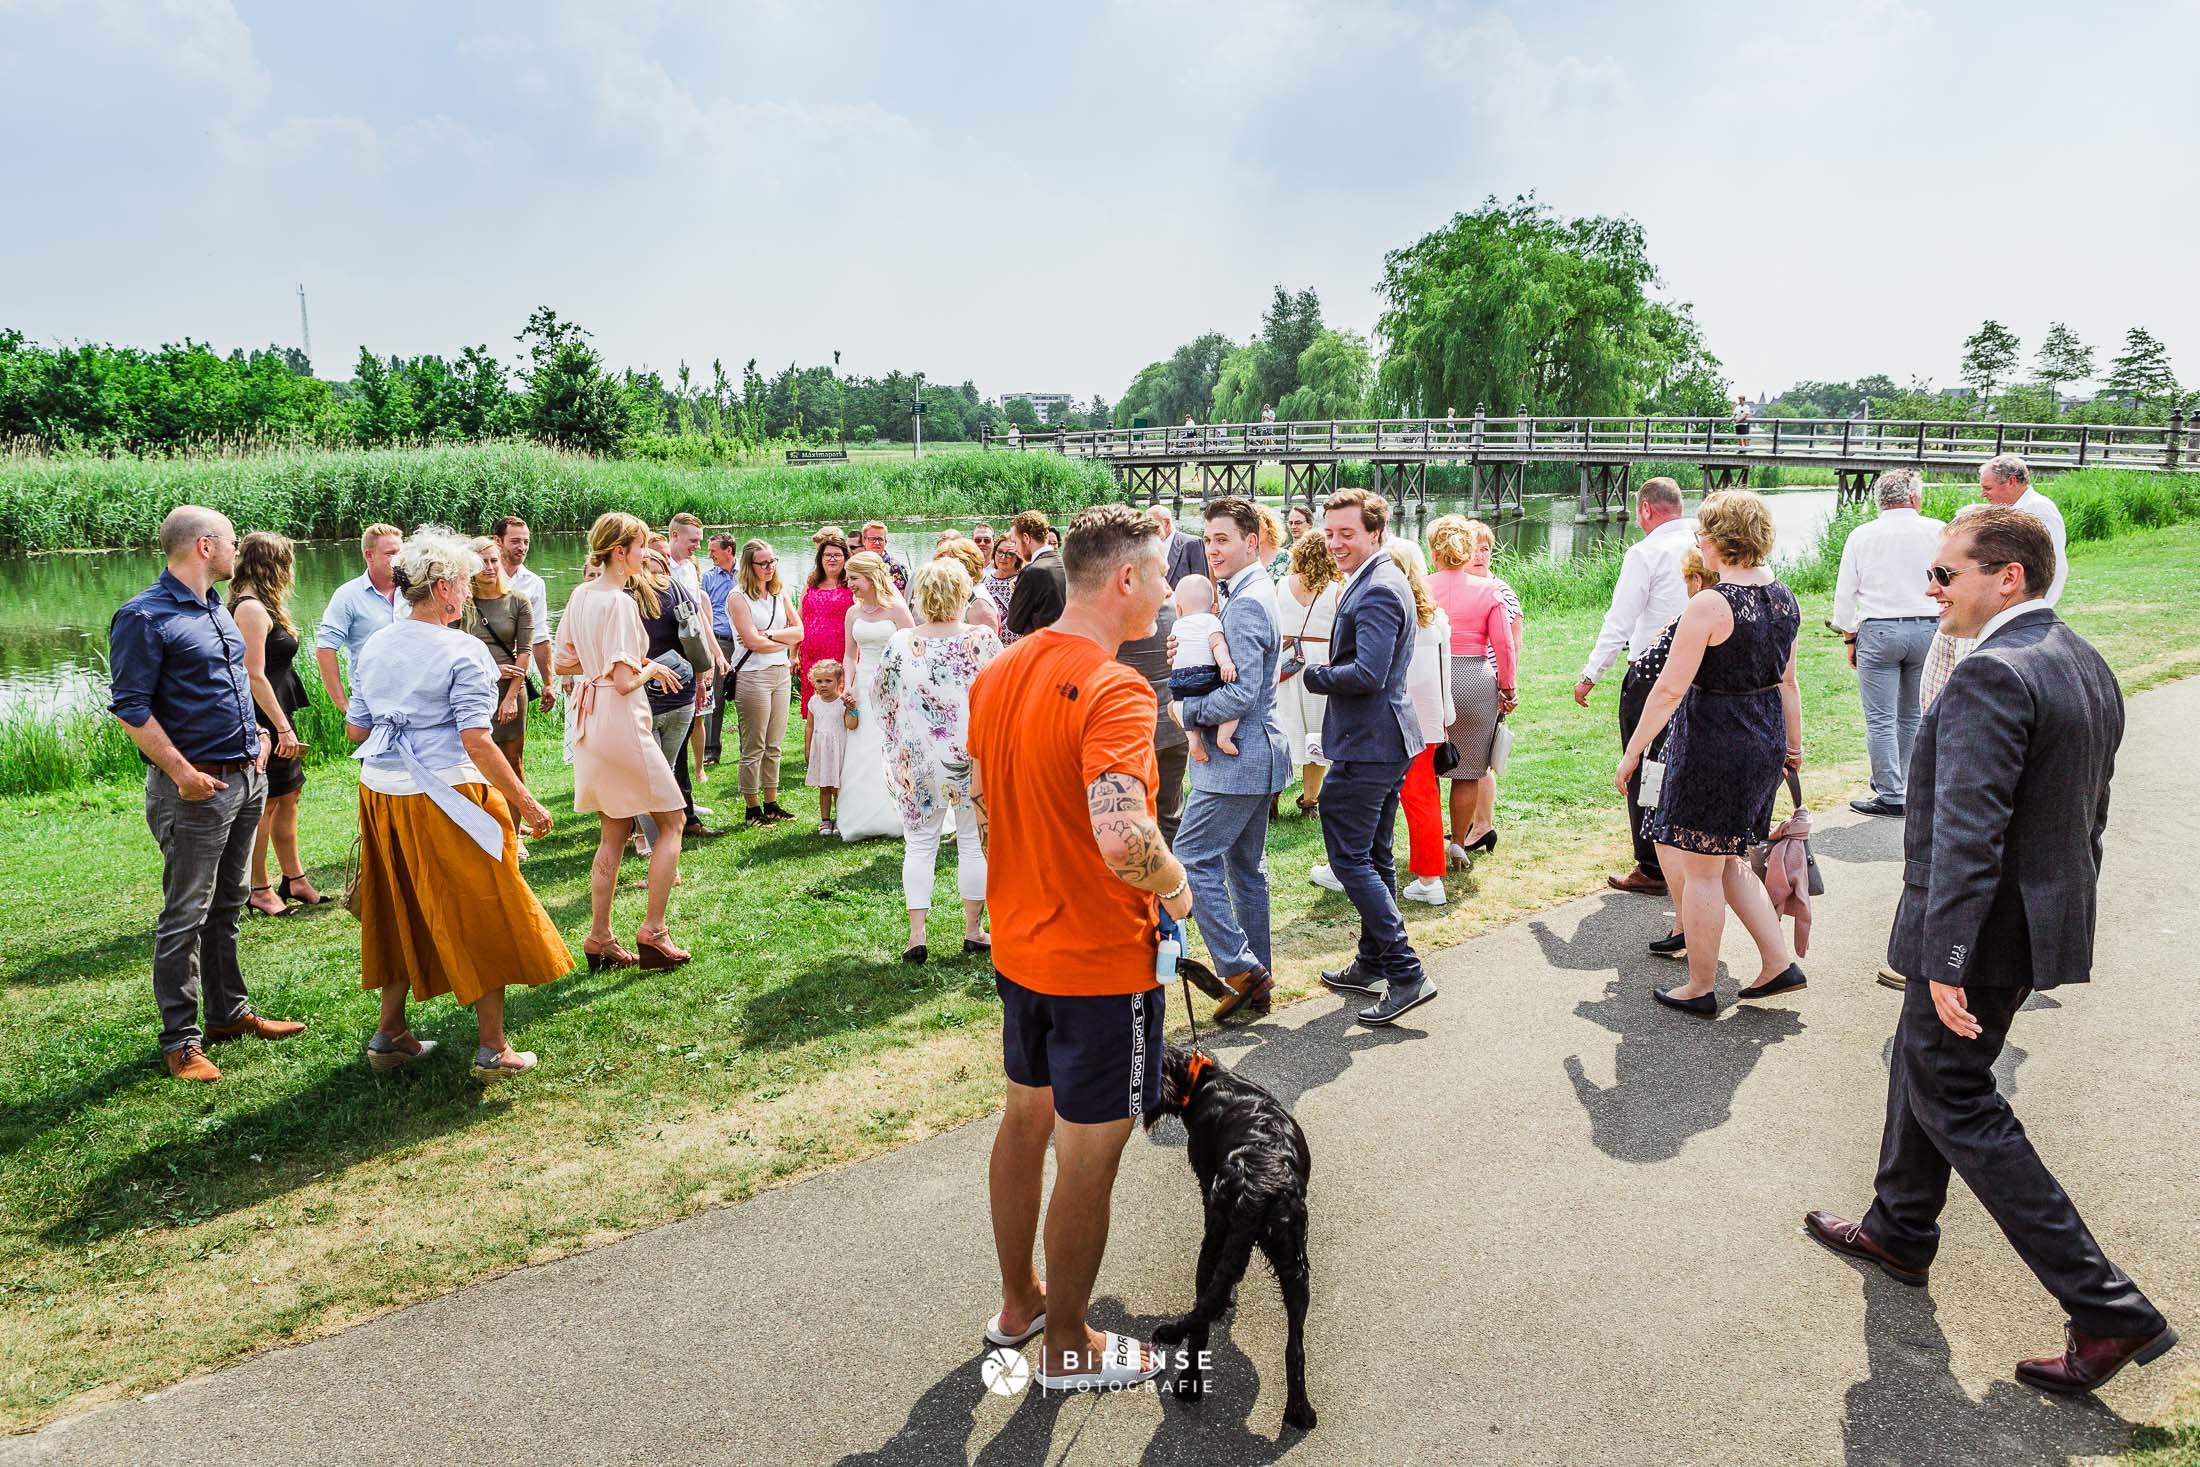 Bruiloft Familiefoto by Birense Fotografie (1 van 1)-2.jpg